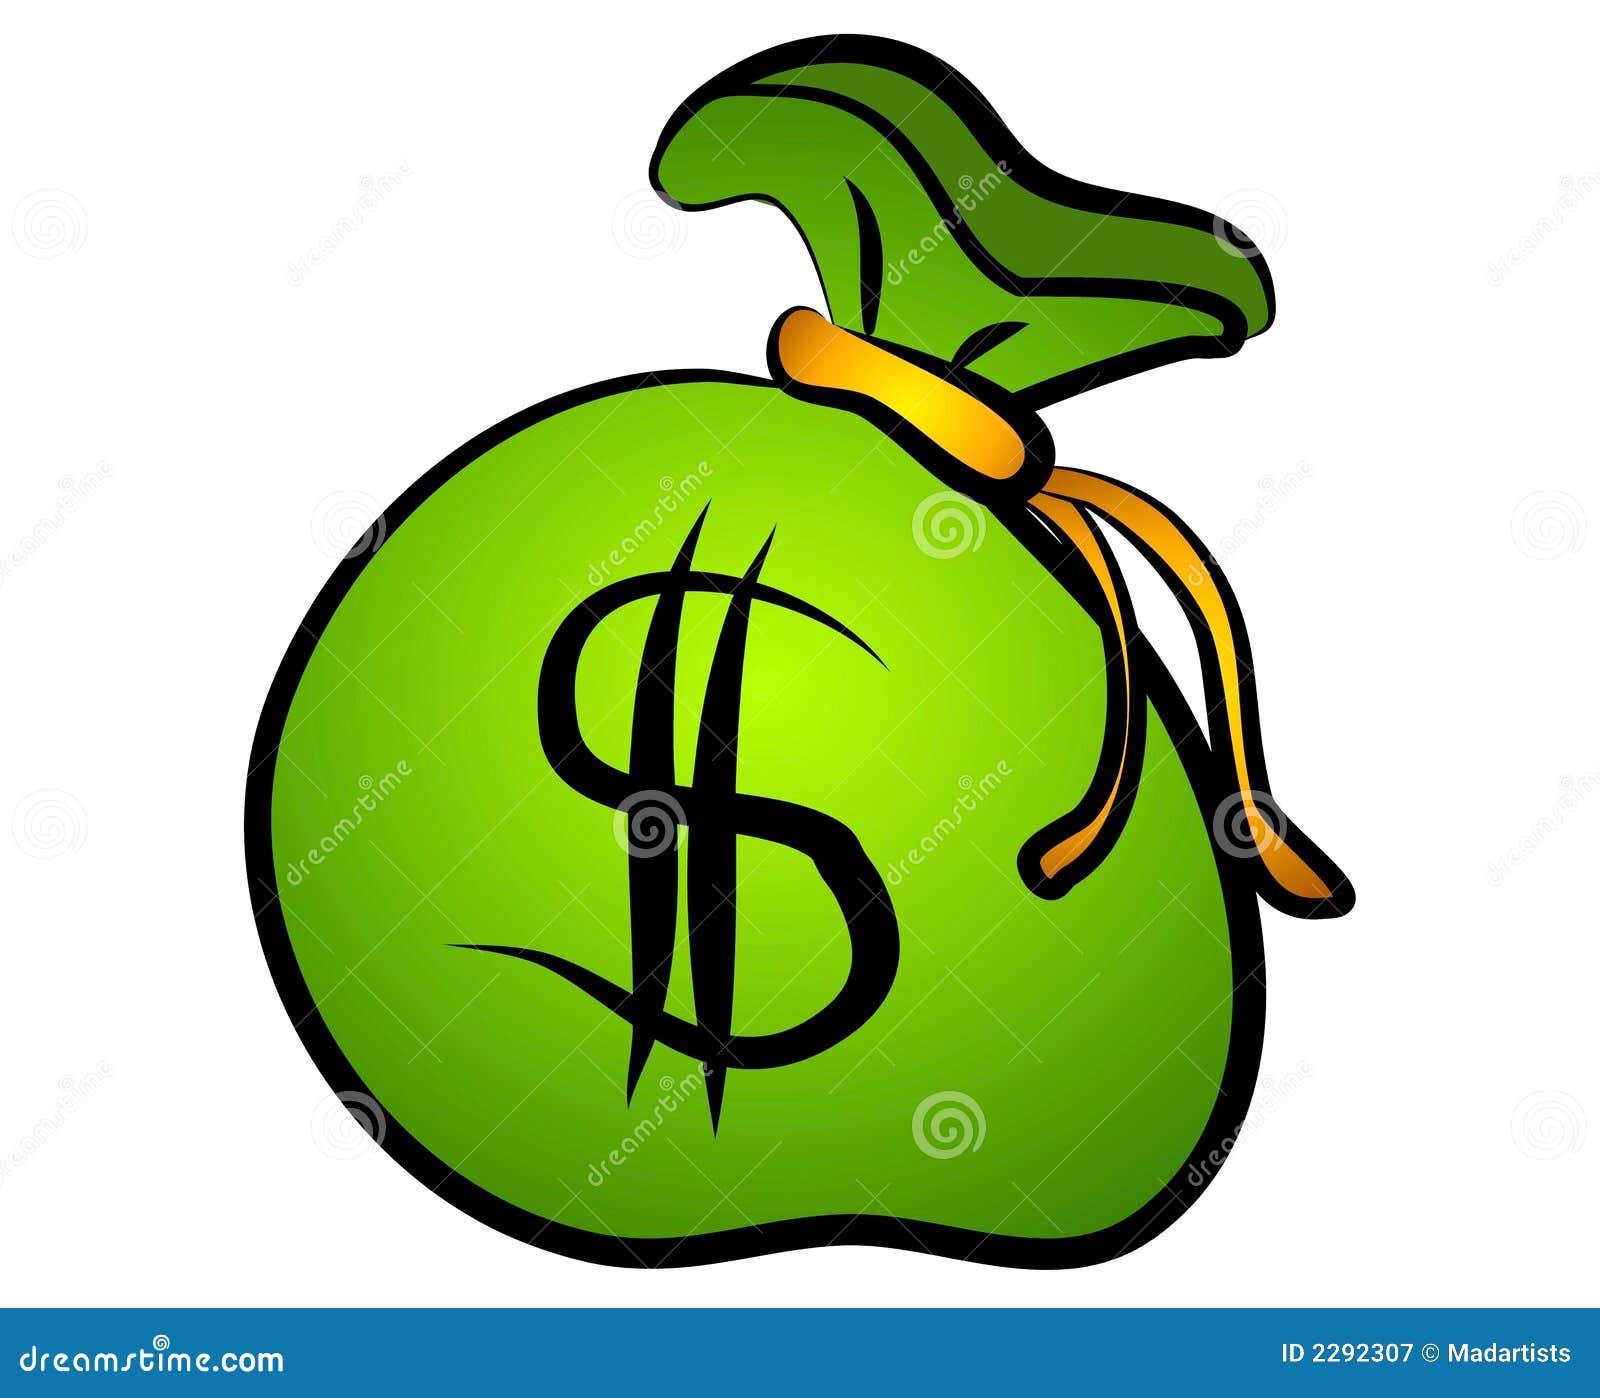 Photographie stock libre de droits: Sac vert de signe du dollar d ...